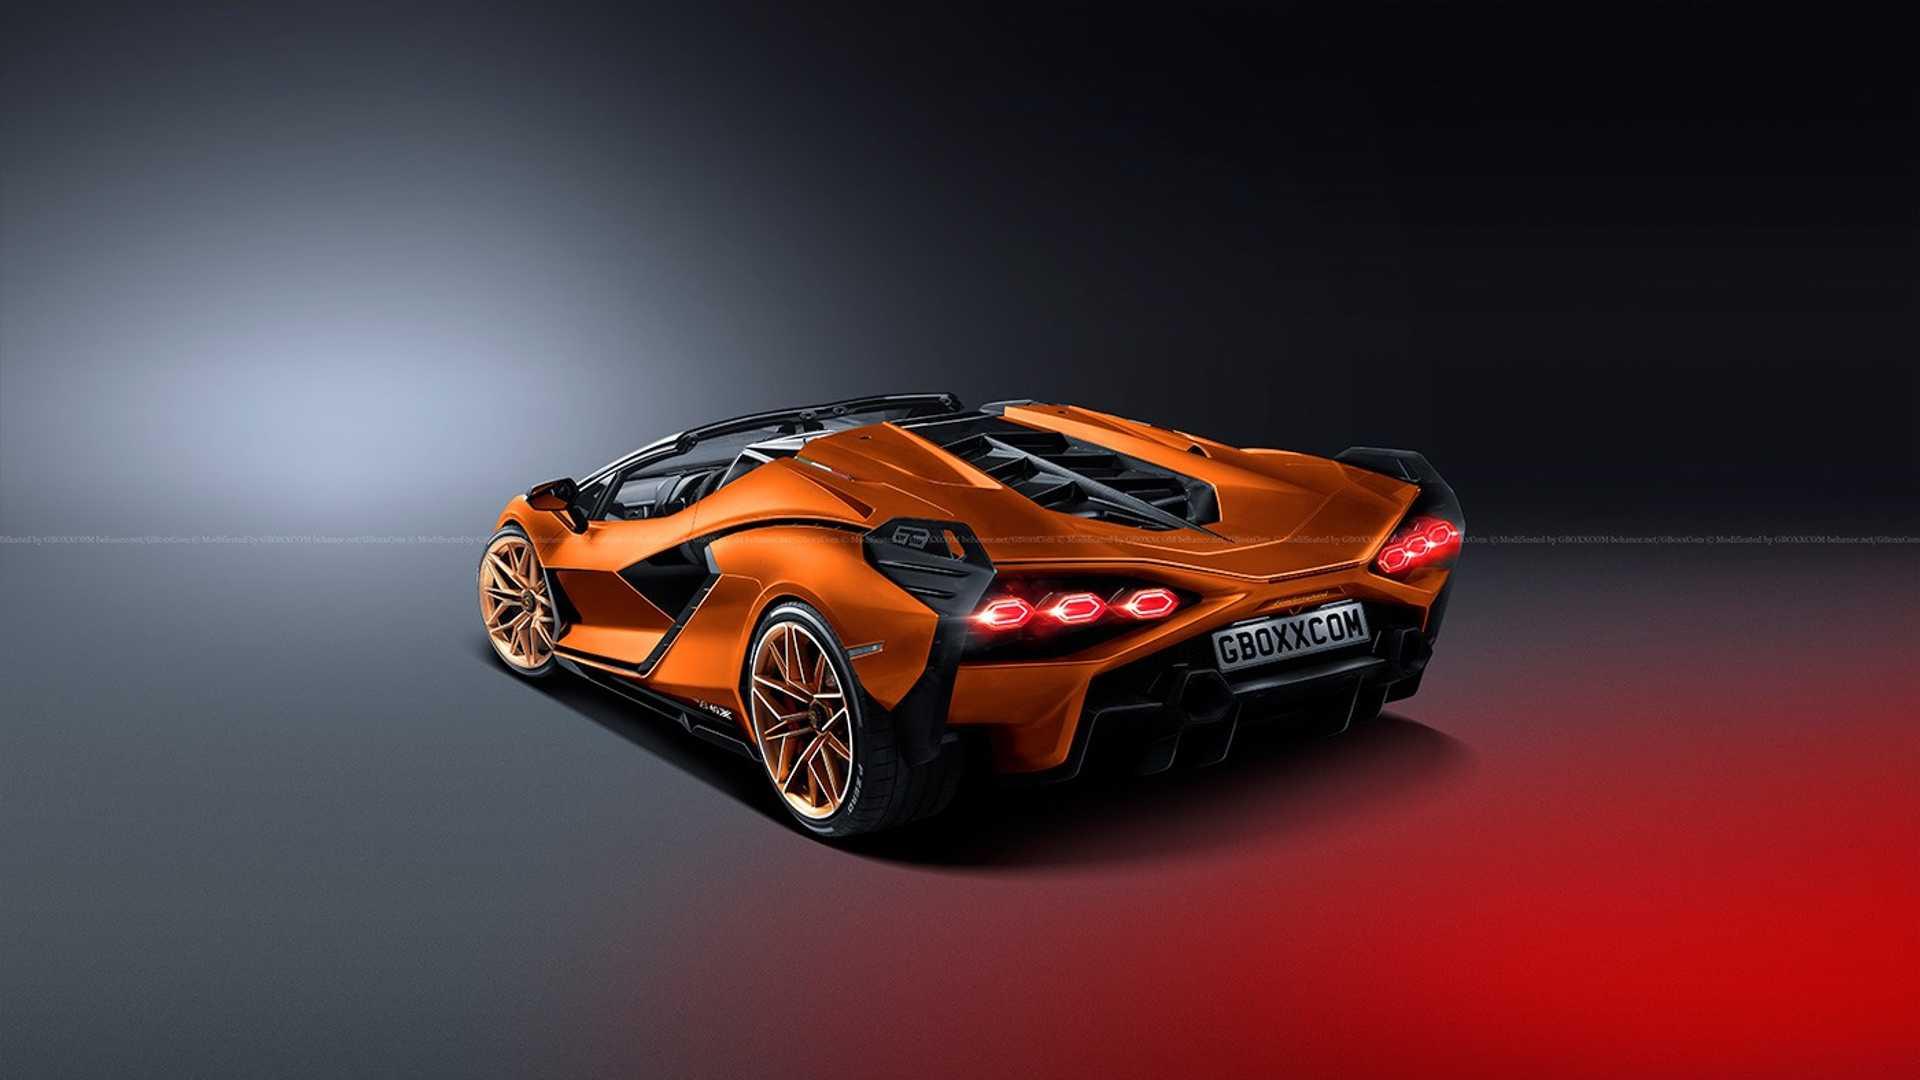 Самый мощный суперкар Lamborghini раскупили до премьеры